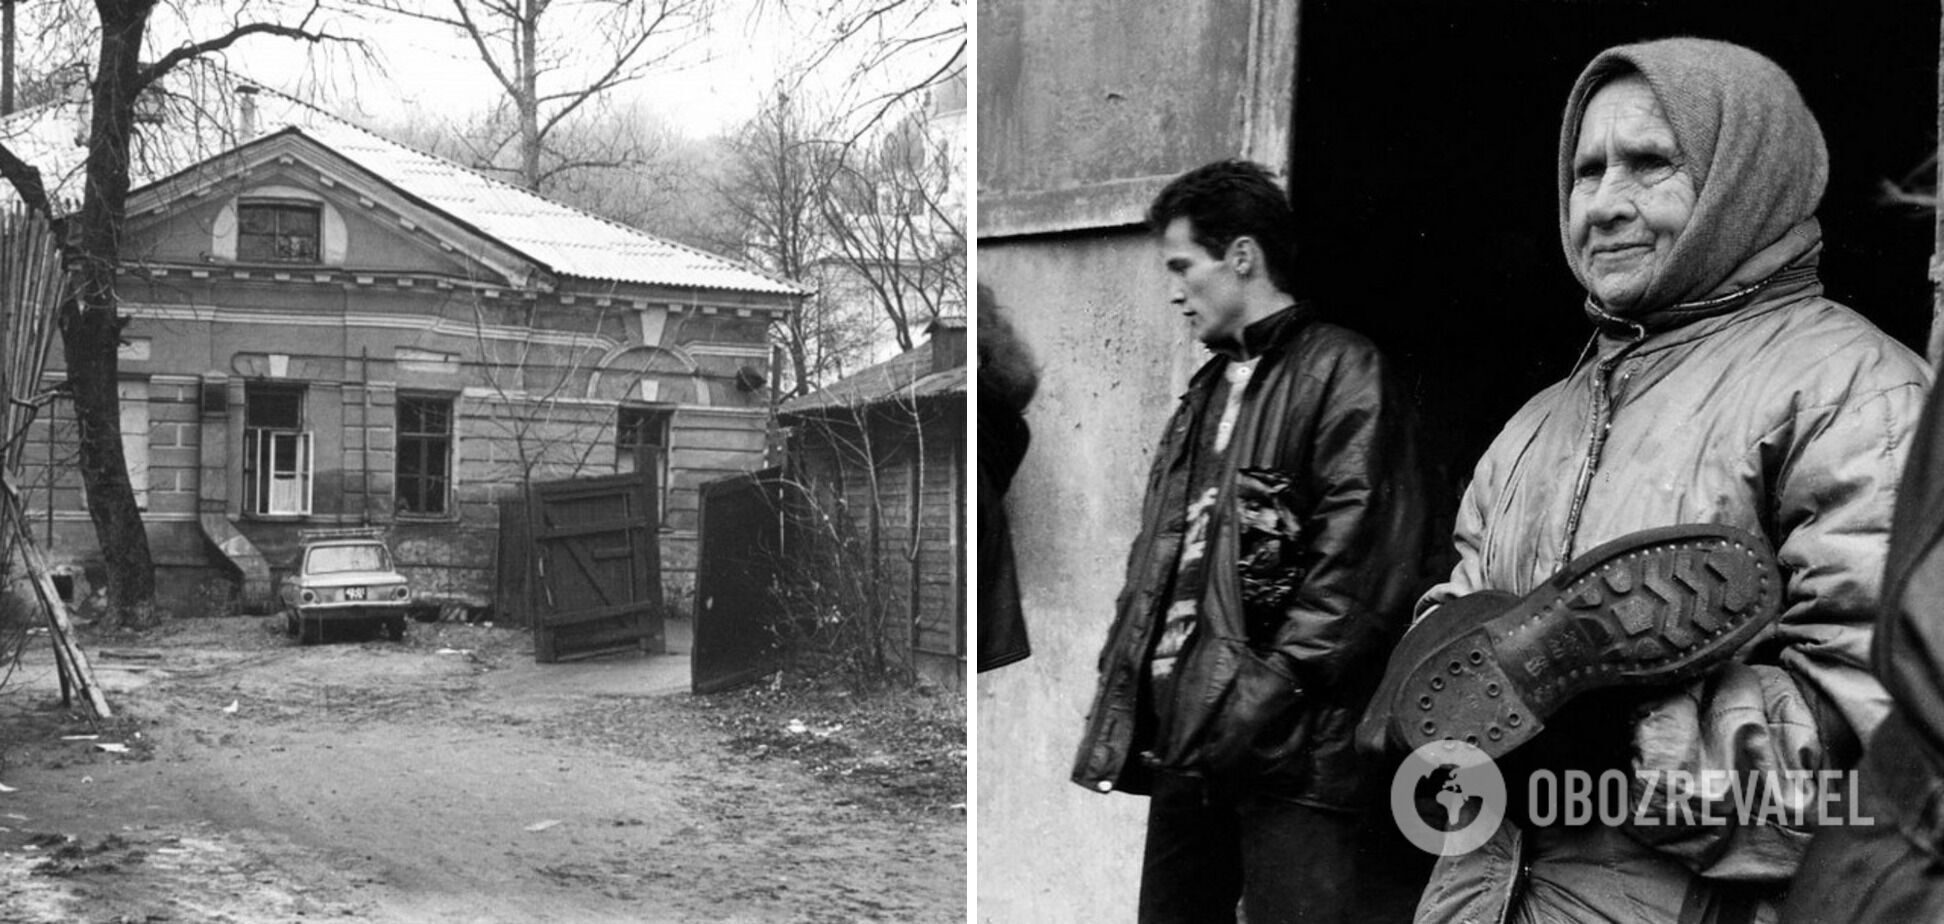 Киев на запрещенных в СССР фото: снимки, которые могут шокировать